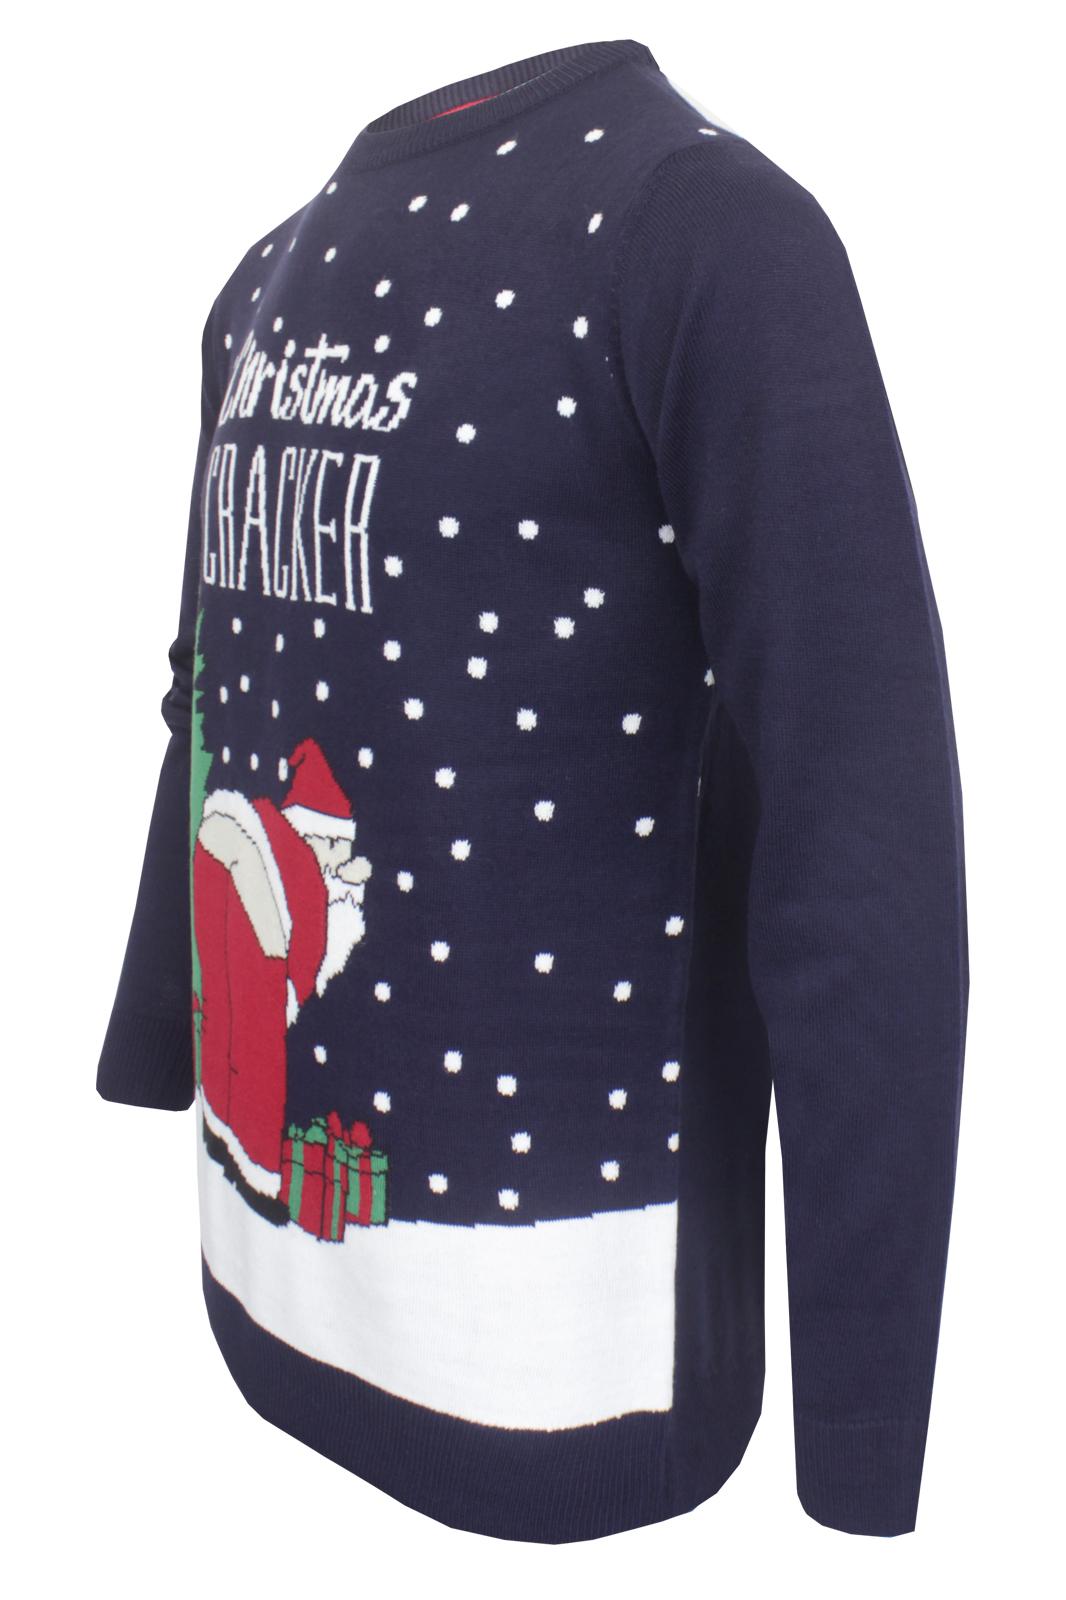 Mens Premium Xmas Jumper Broken Standard Christmas Cracker Funny S-XXL